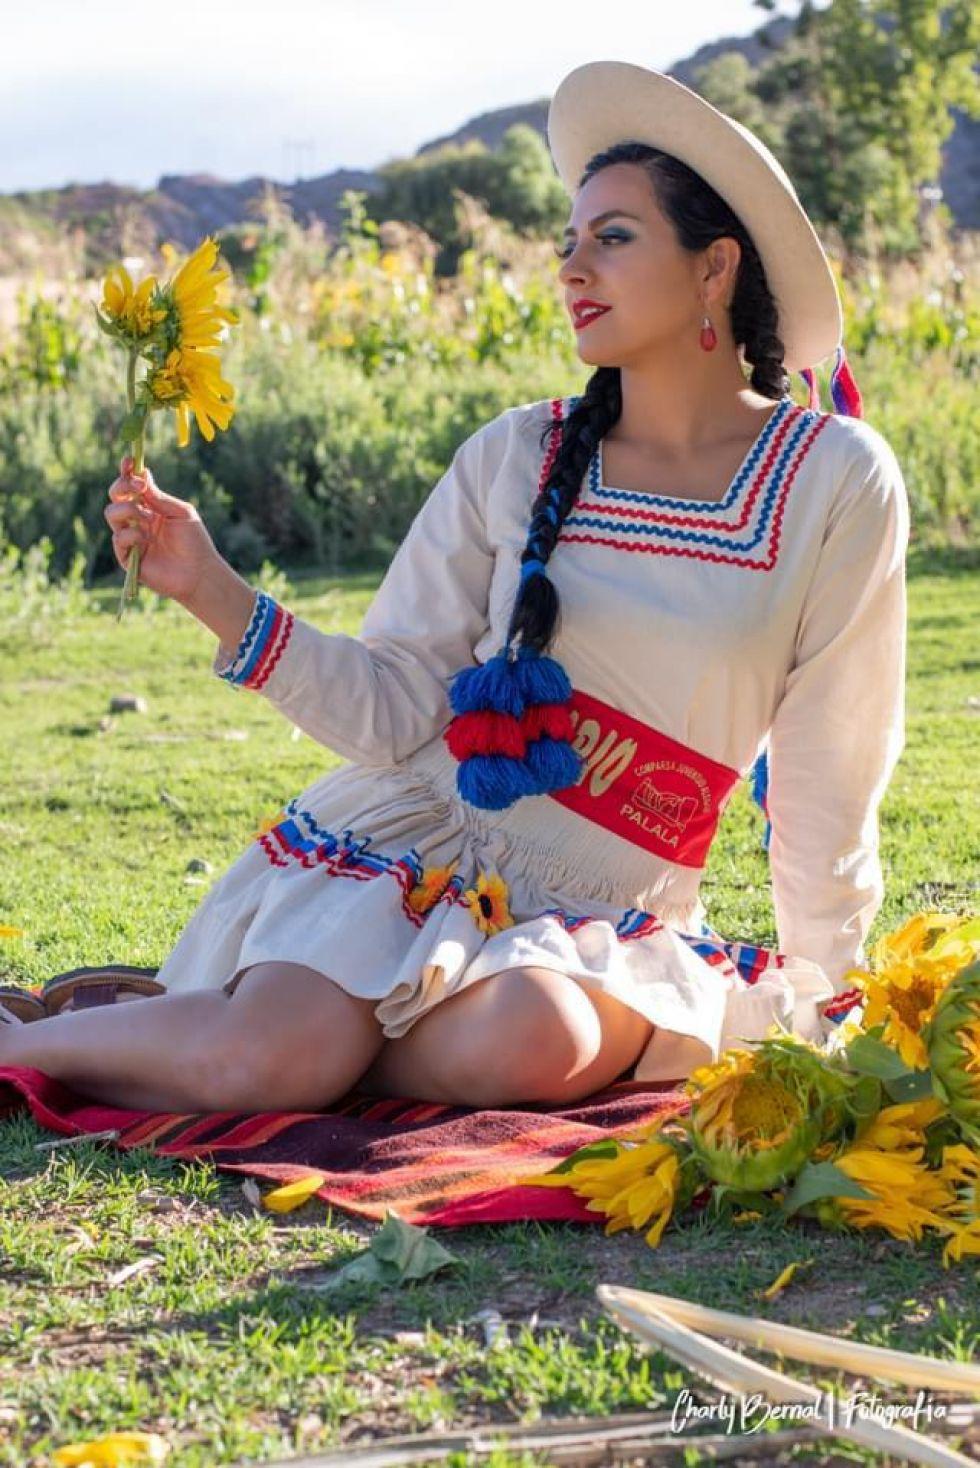 La Miss Potosí de este año es Macarena Castillo, nacida en Tupiza